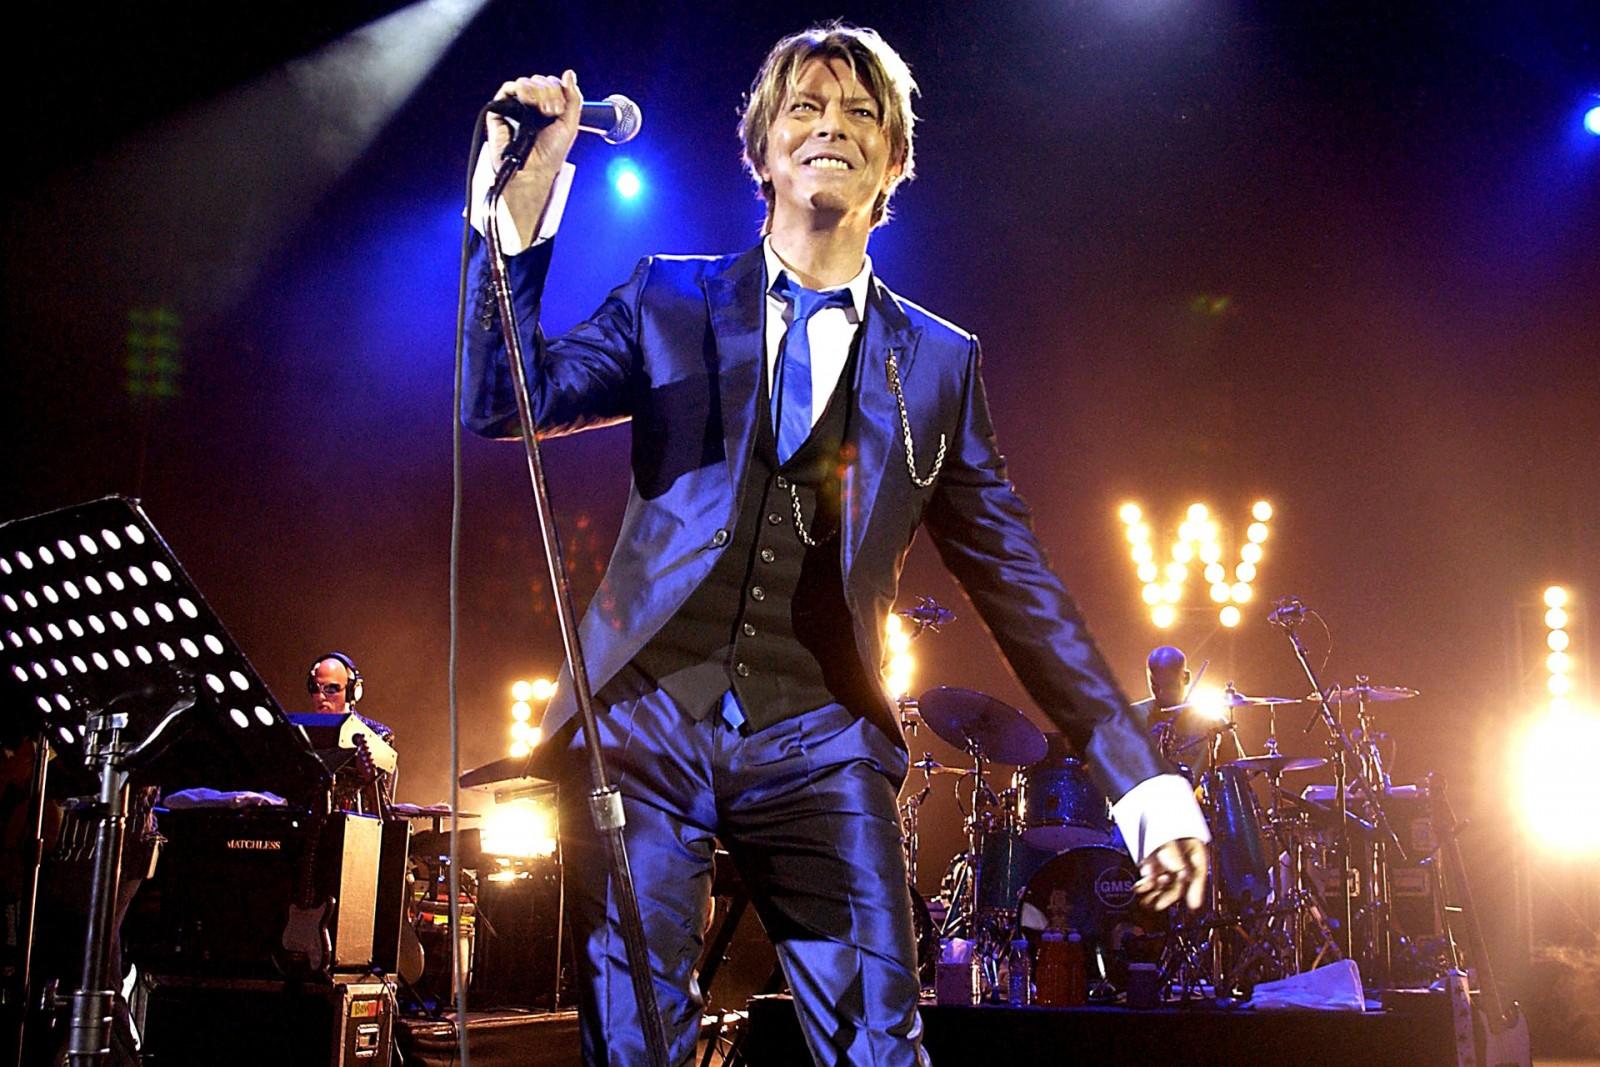 David-Bowie-5-Vogue-11Jan16-Getty_b